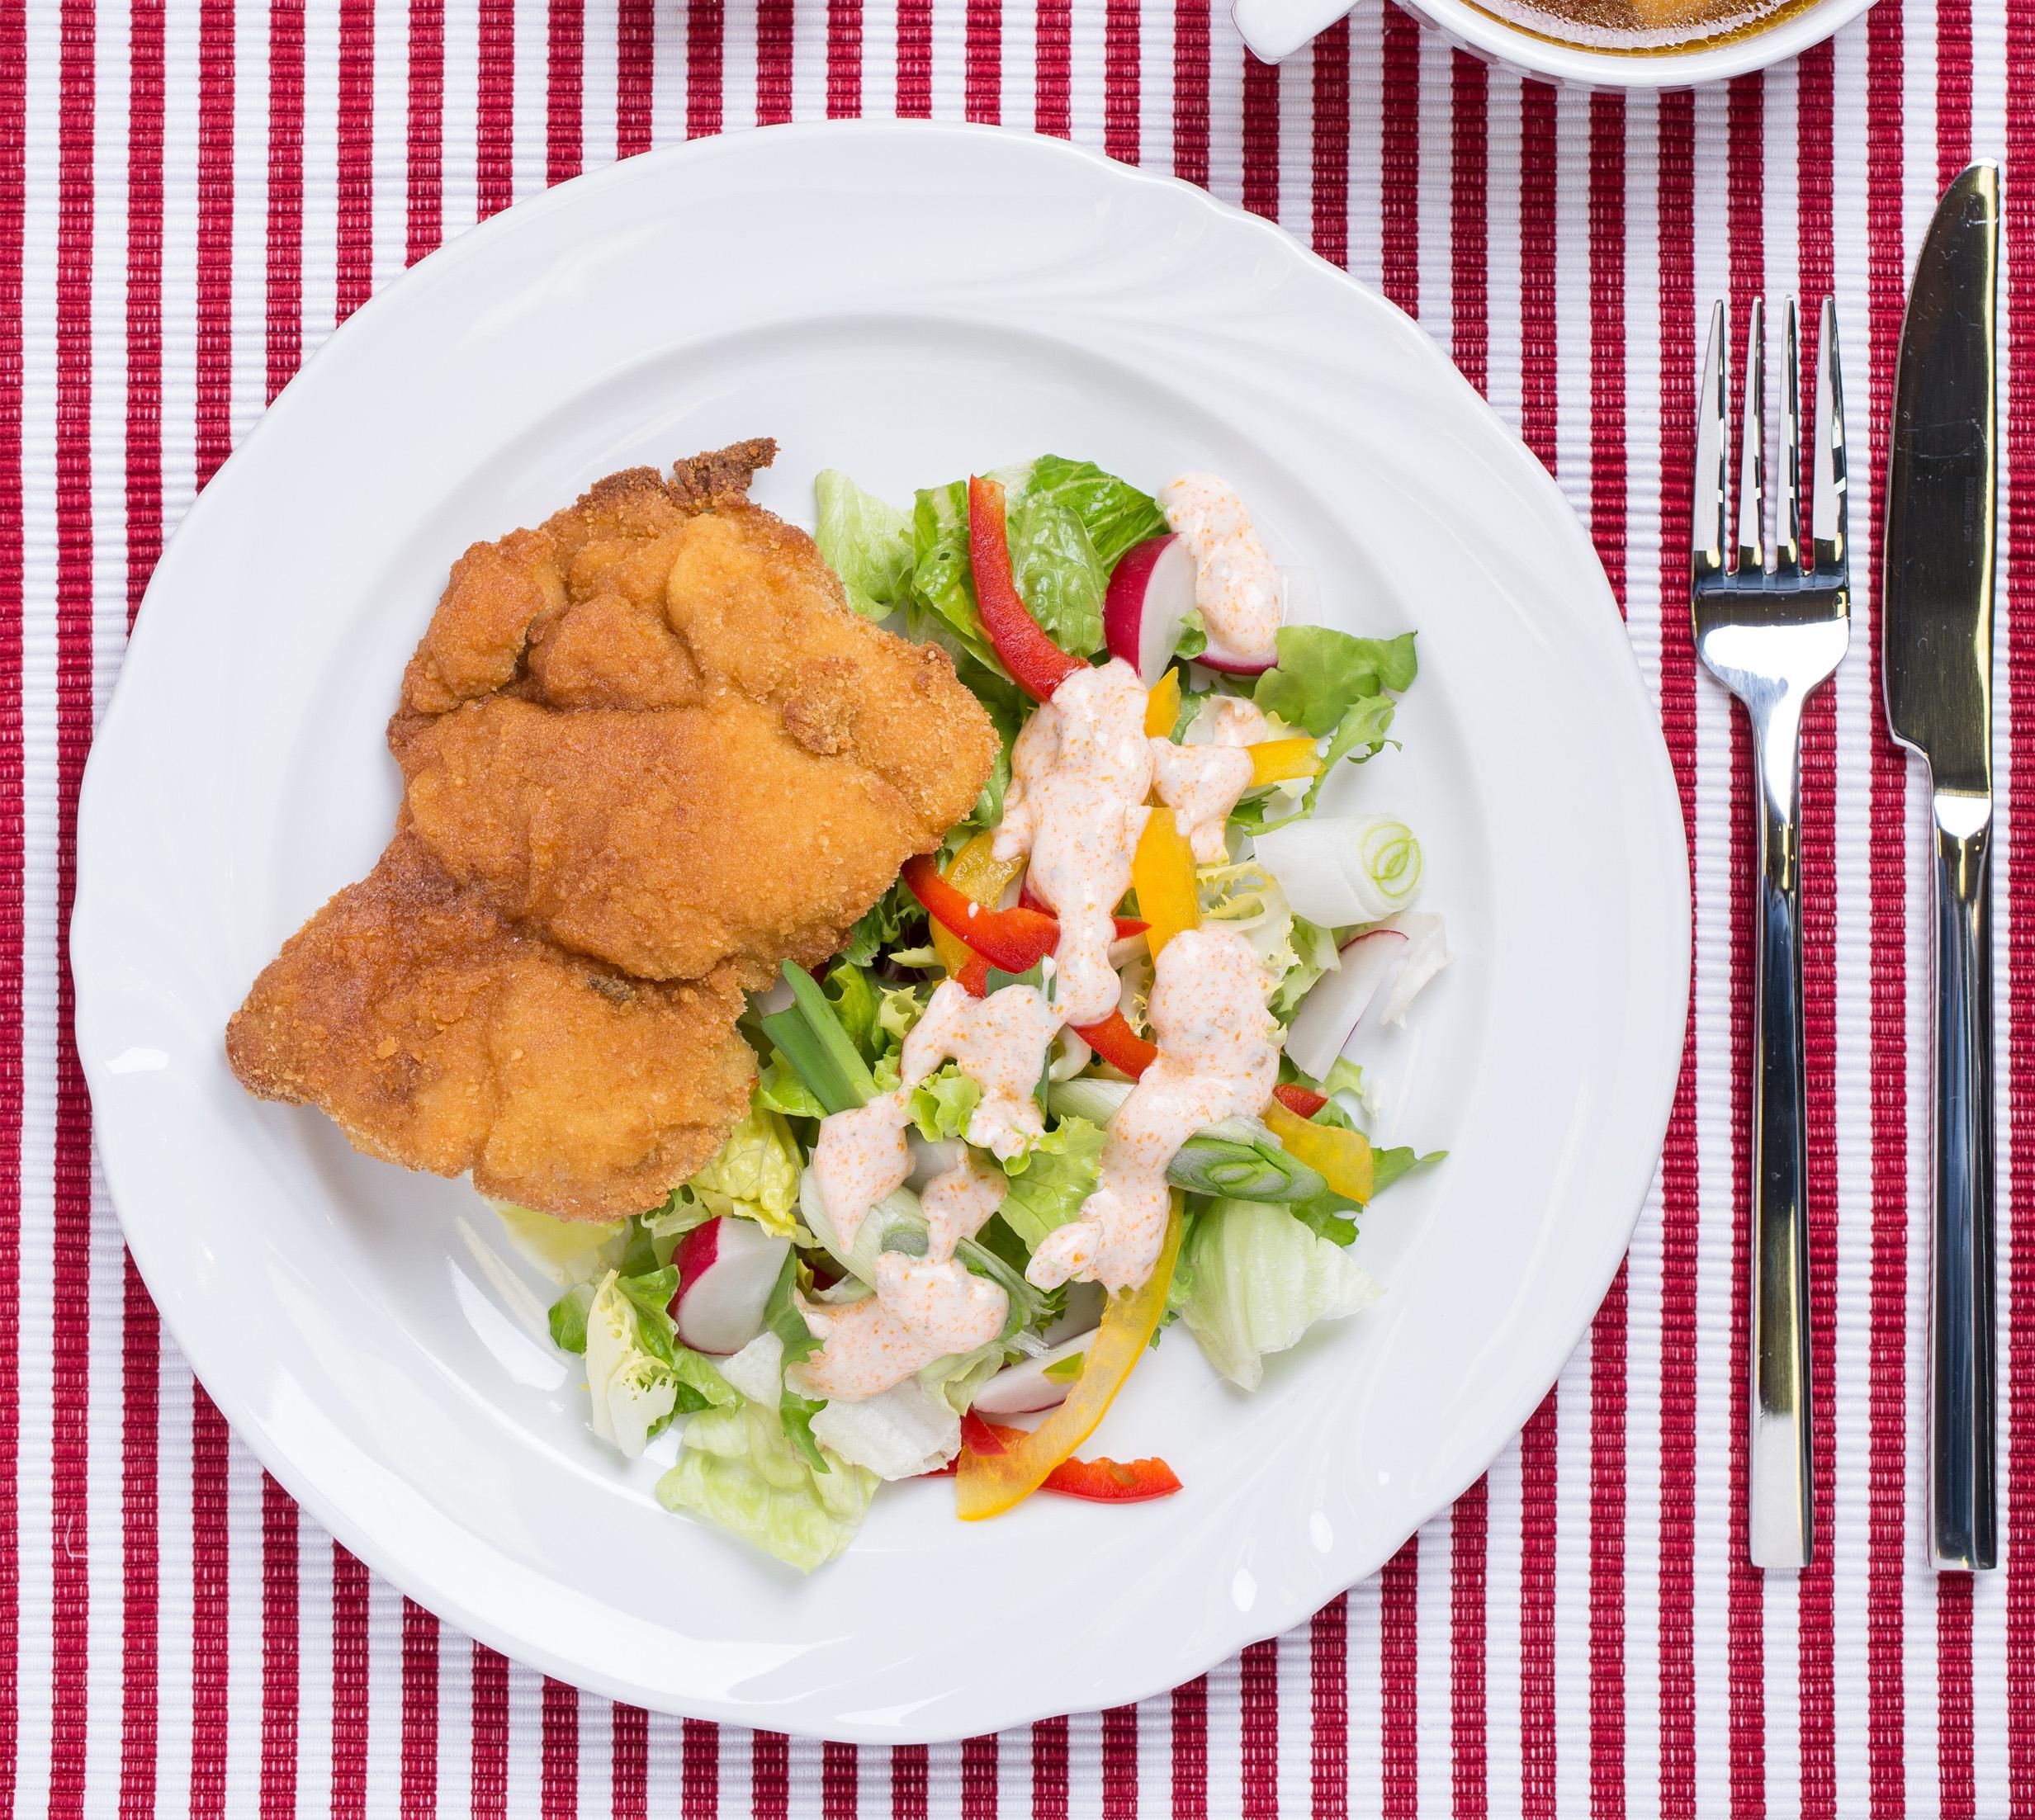 Póréhagymás rántott csirkecomb salátával és joghurtos öntettel